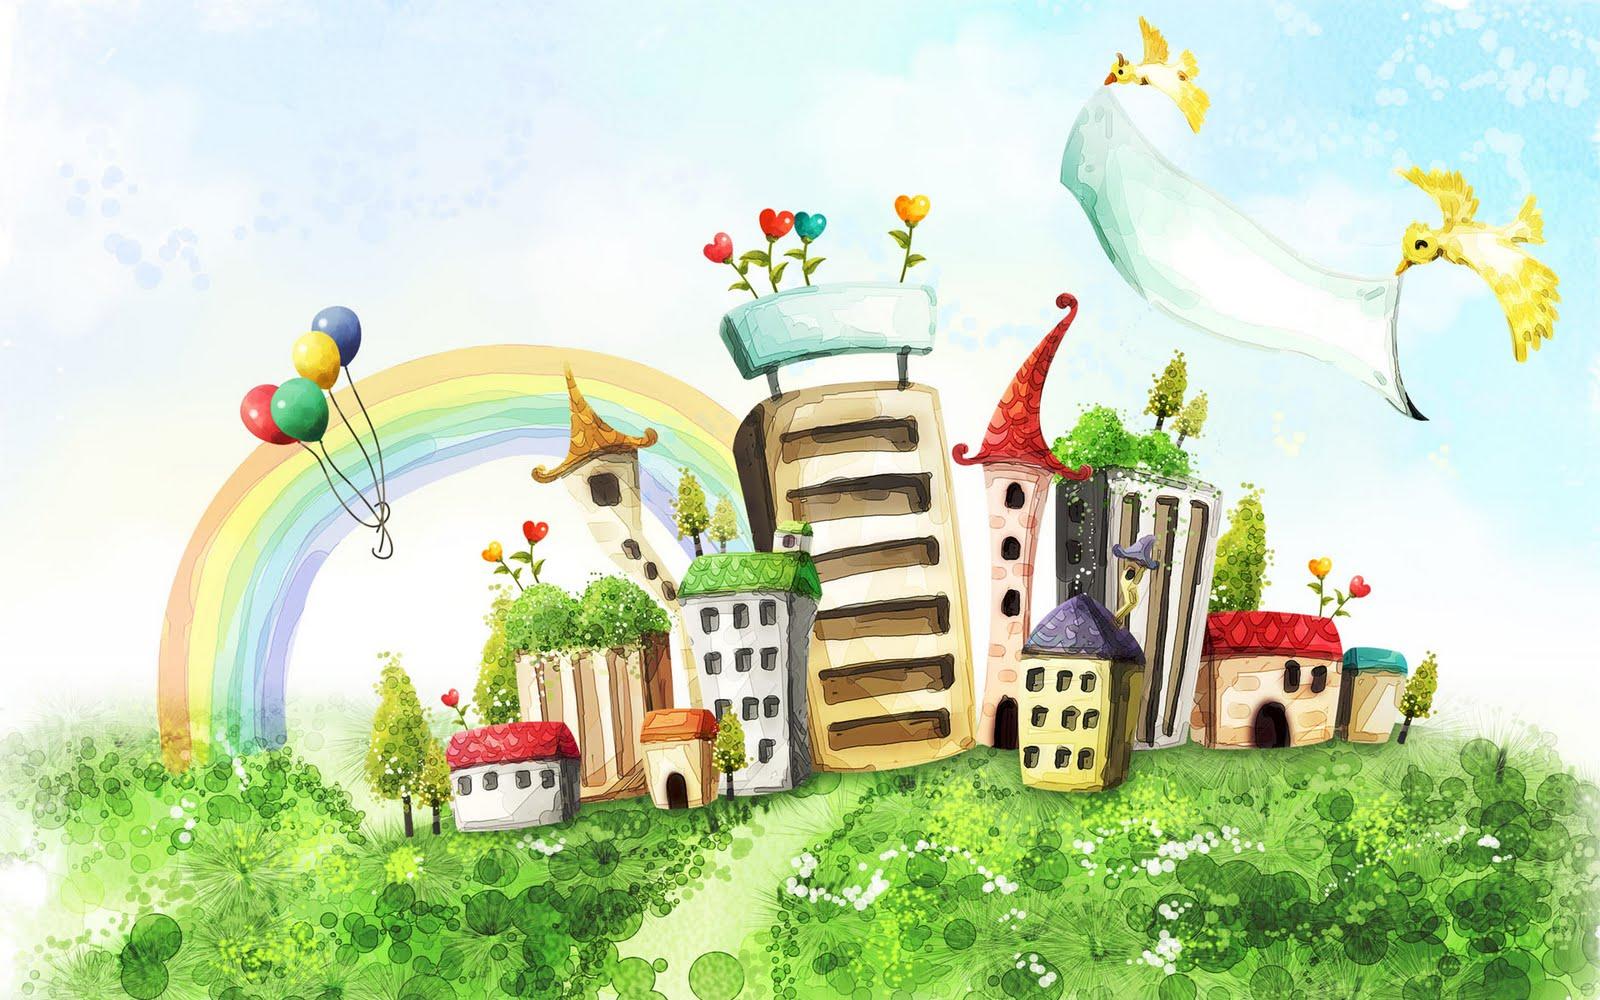 Scenery clipart dream #10